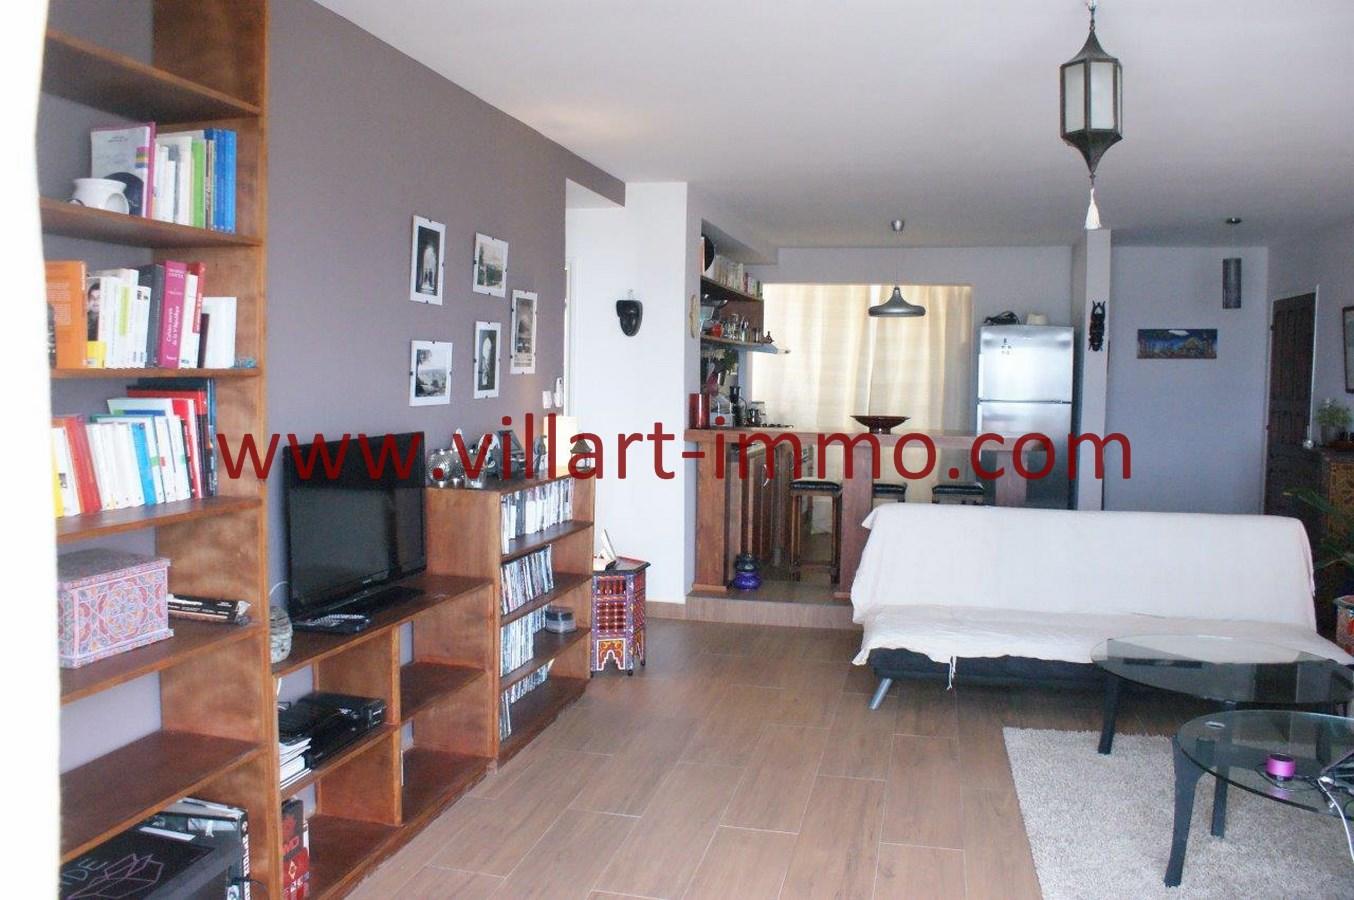 Magnifique appartement meubl a louer face la baie de tanger villart - Appartement meuble a louer a tanger ...